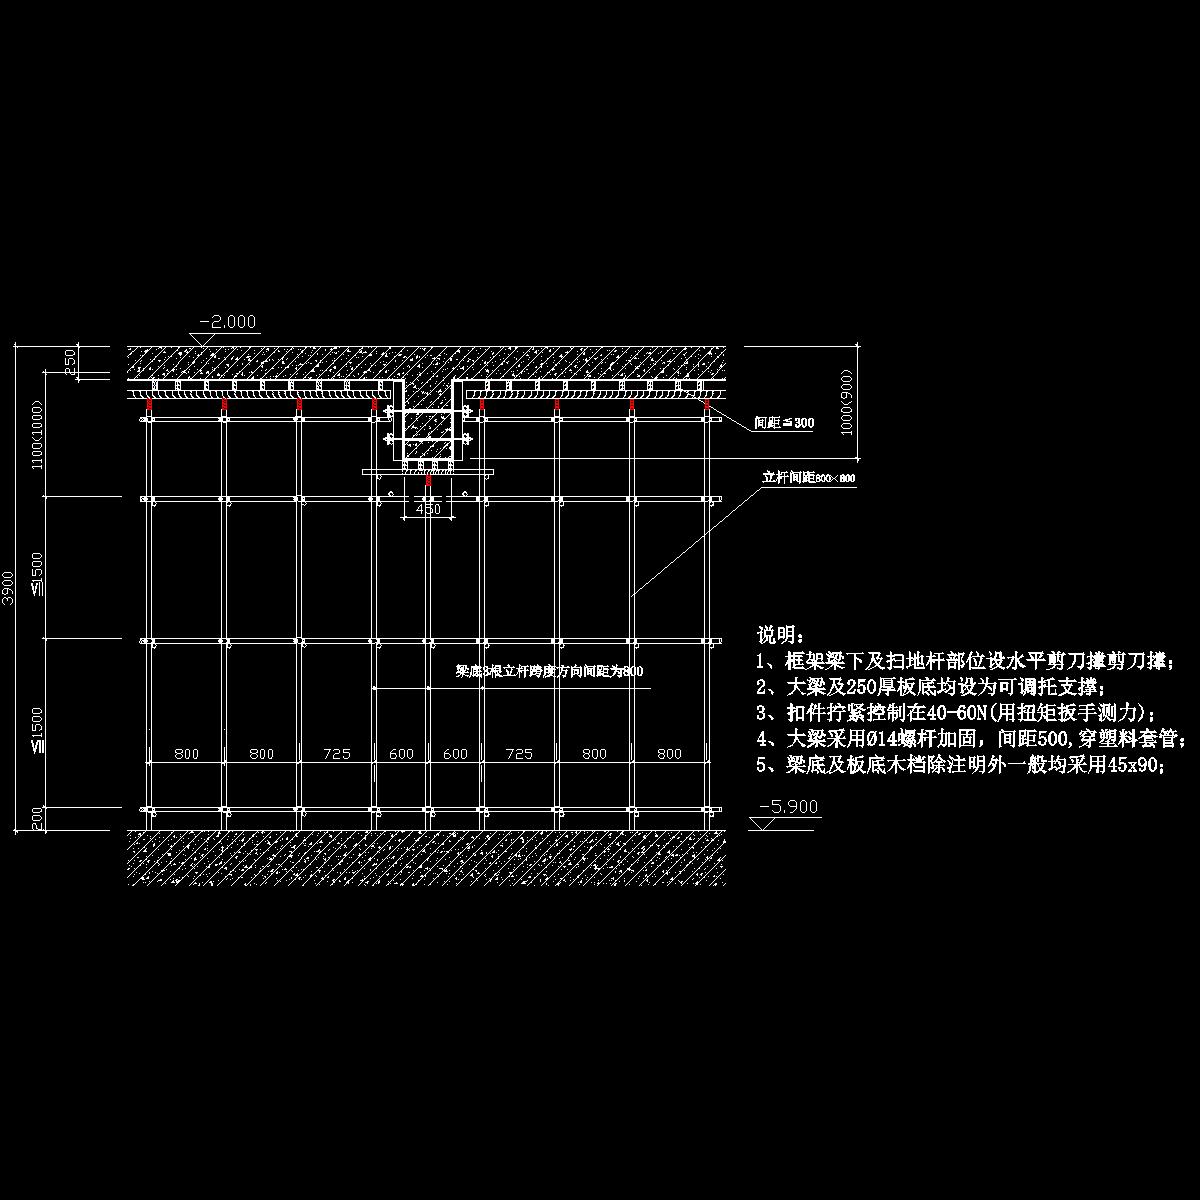 450x1000梁及250板高大模板可调托支撑体系图.dwg